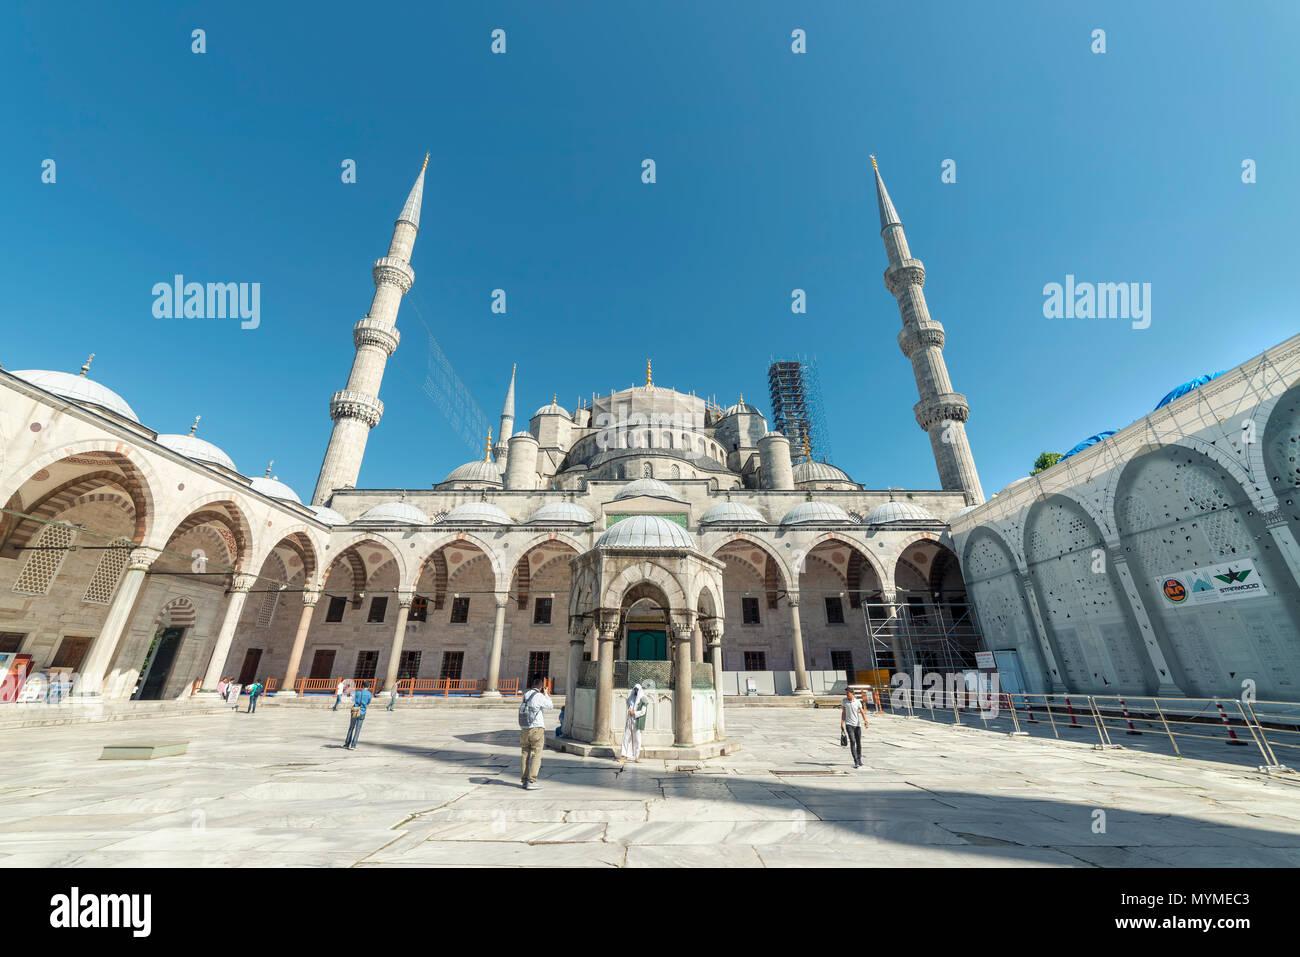 Sultan Ahmet Mosque Exterior, Istanbul, Turkey - Stock Image